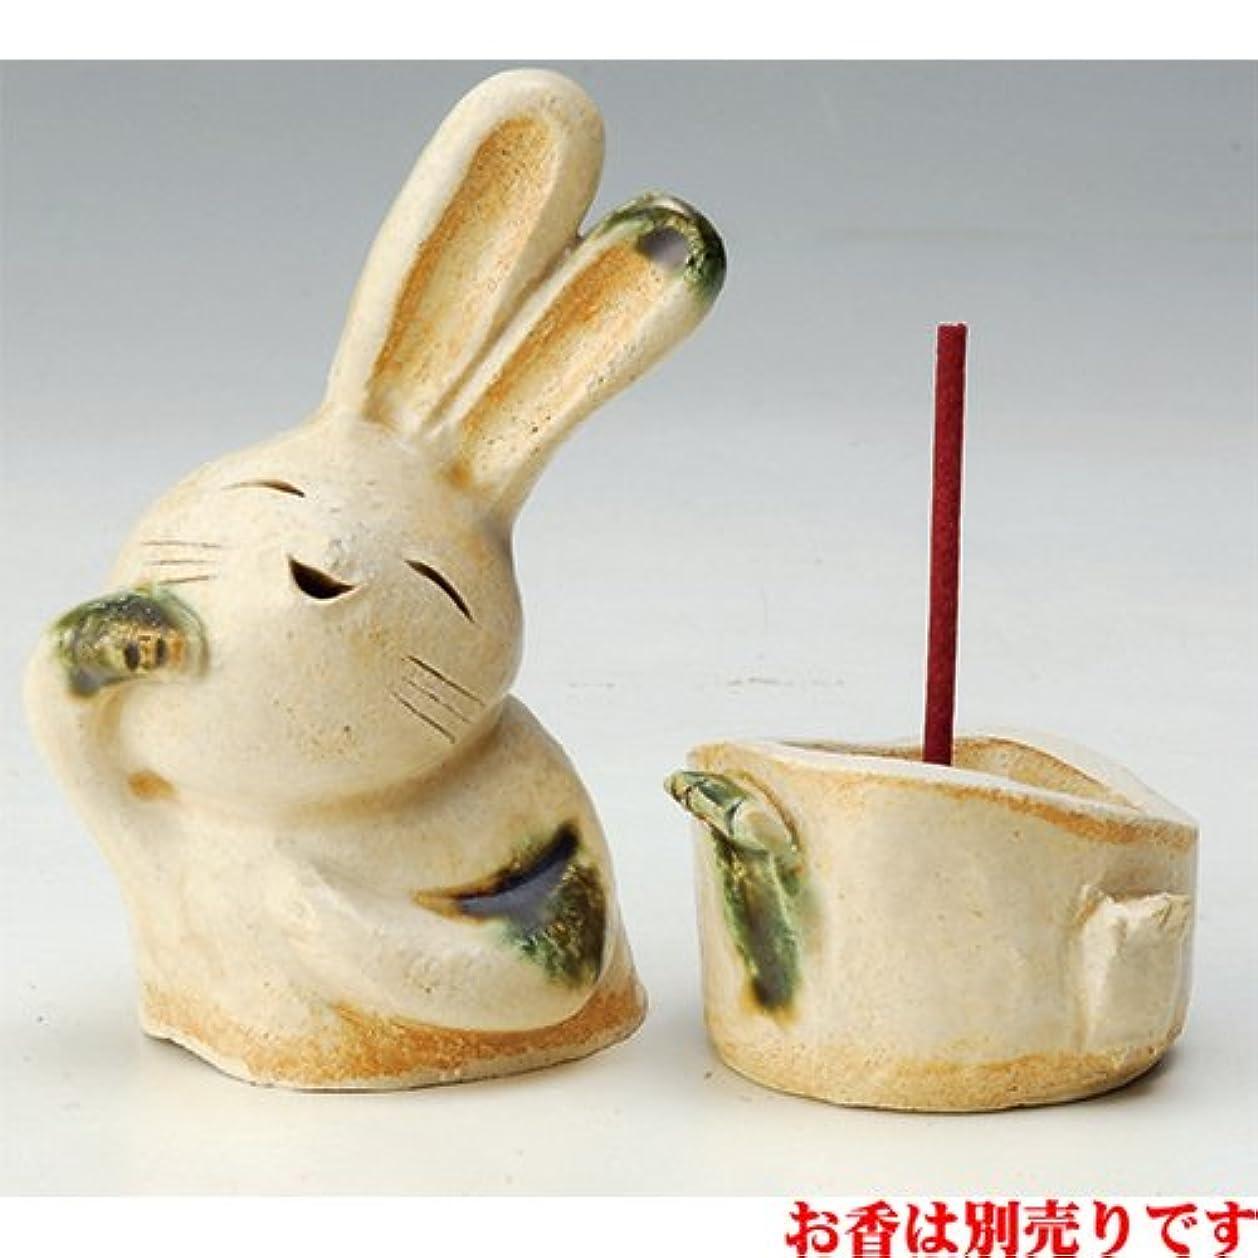 香炉 招きうさぎ 香炉(小) [H7.3cm] HANDMADE プレゼント ギフト 和食器 かわいい インテリア